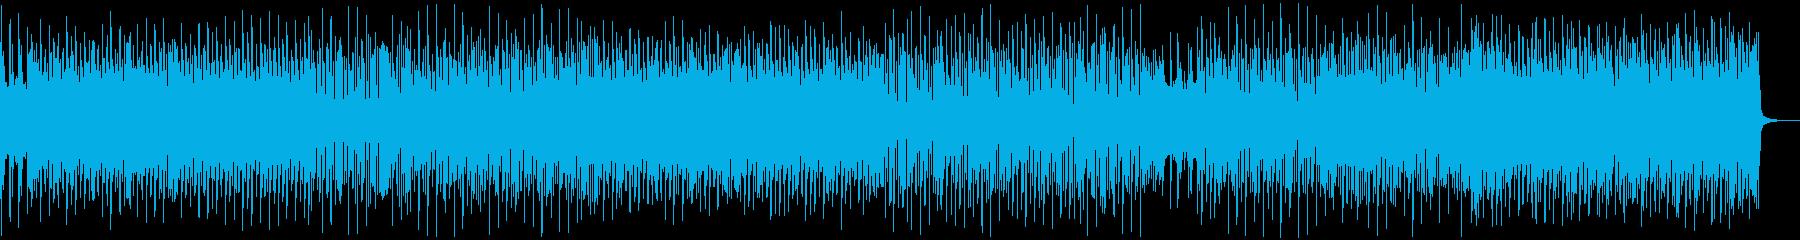 可愛い軽快なフューチャーポップの再生済みの波形